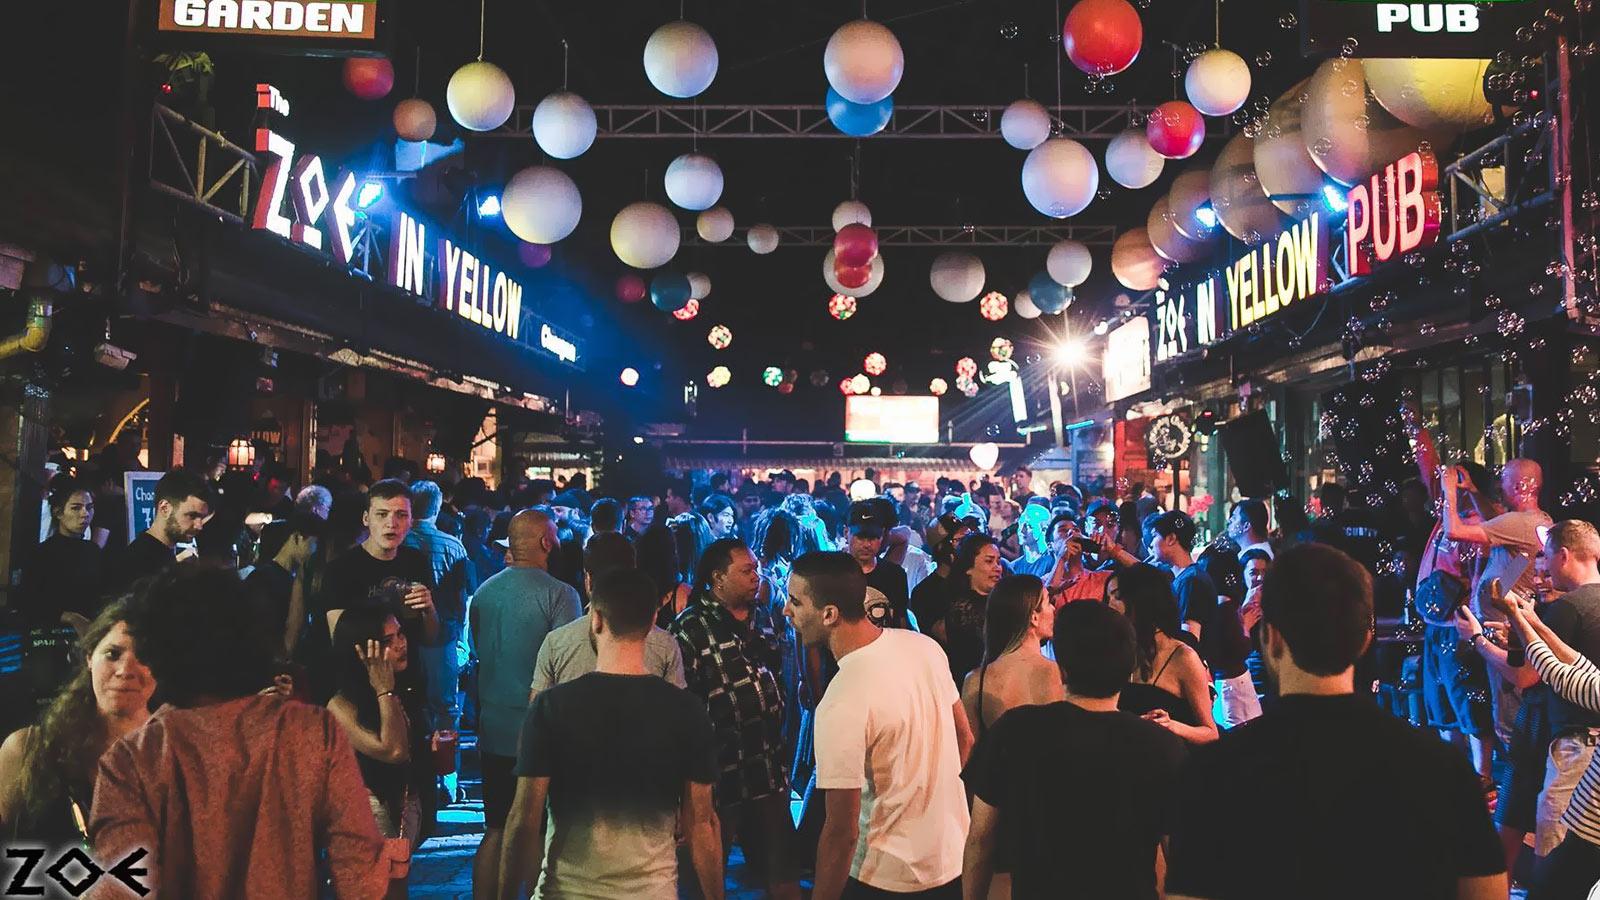 Zoe in Yellow - Top Nightlife activities in Chiang Mai